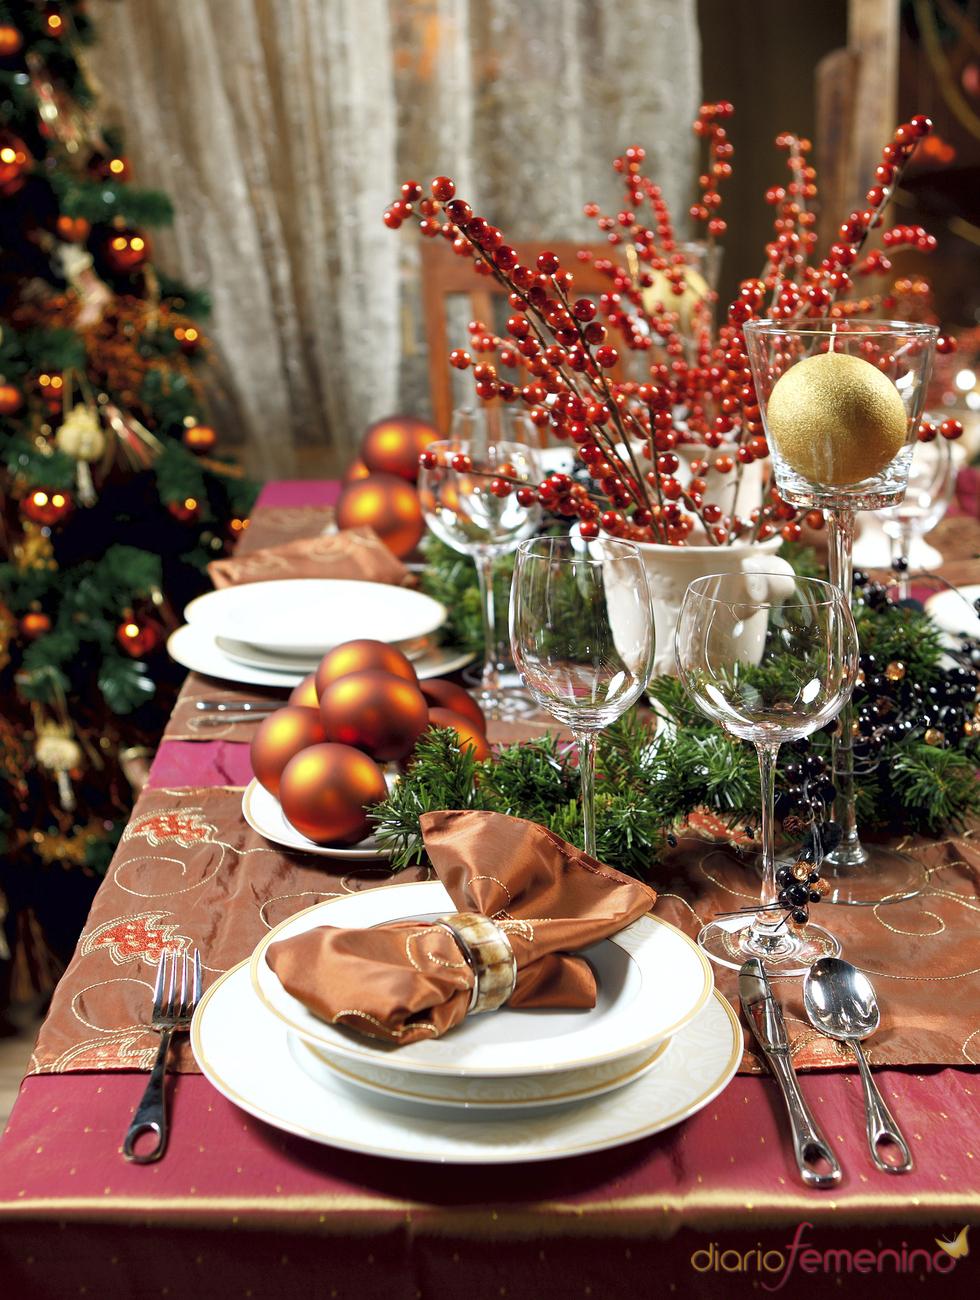 decoracion de mesas para navidad thinkstock